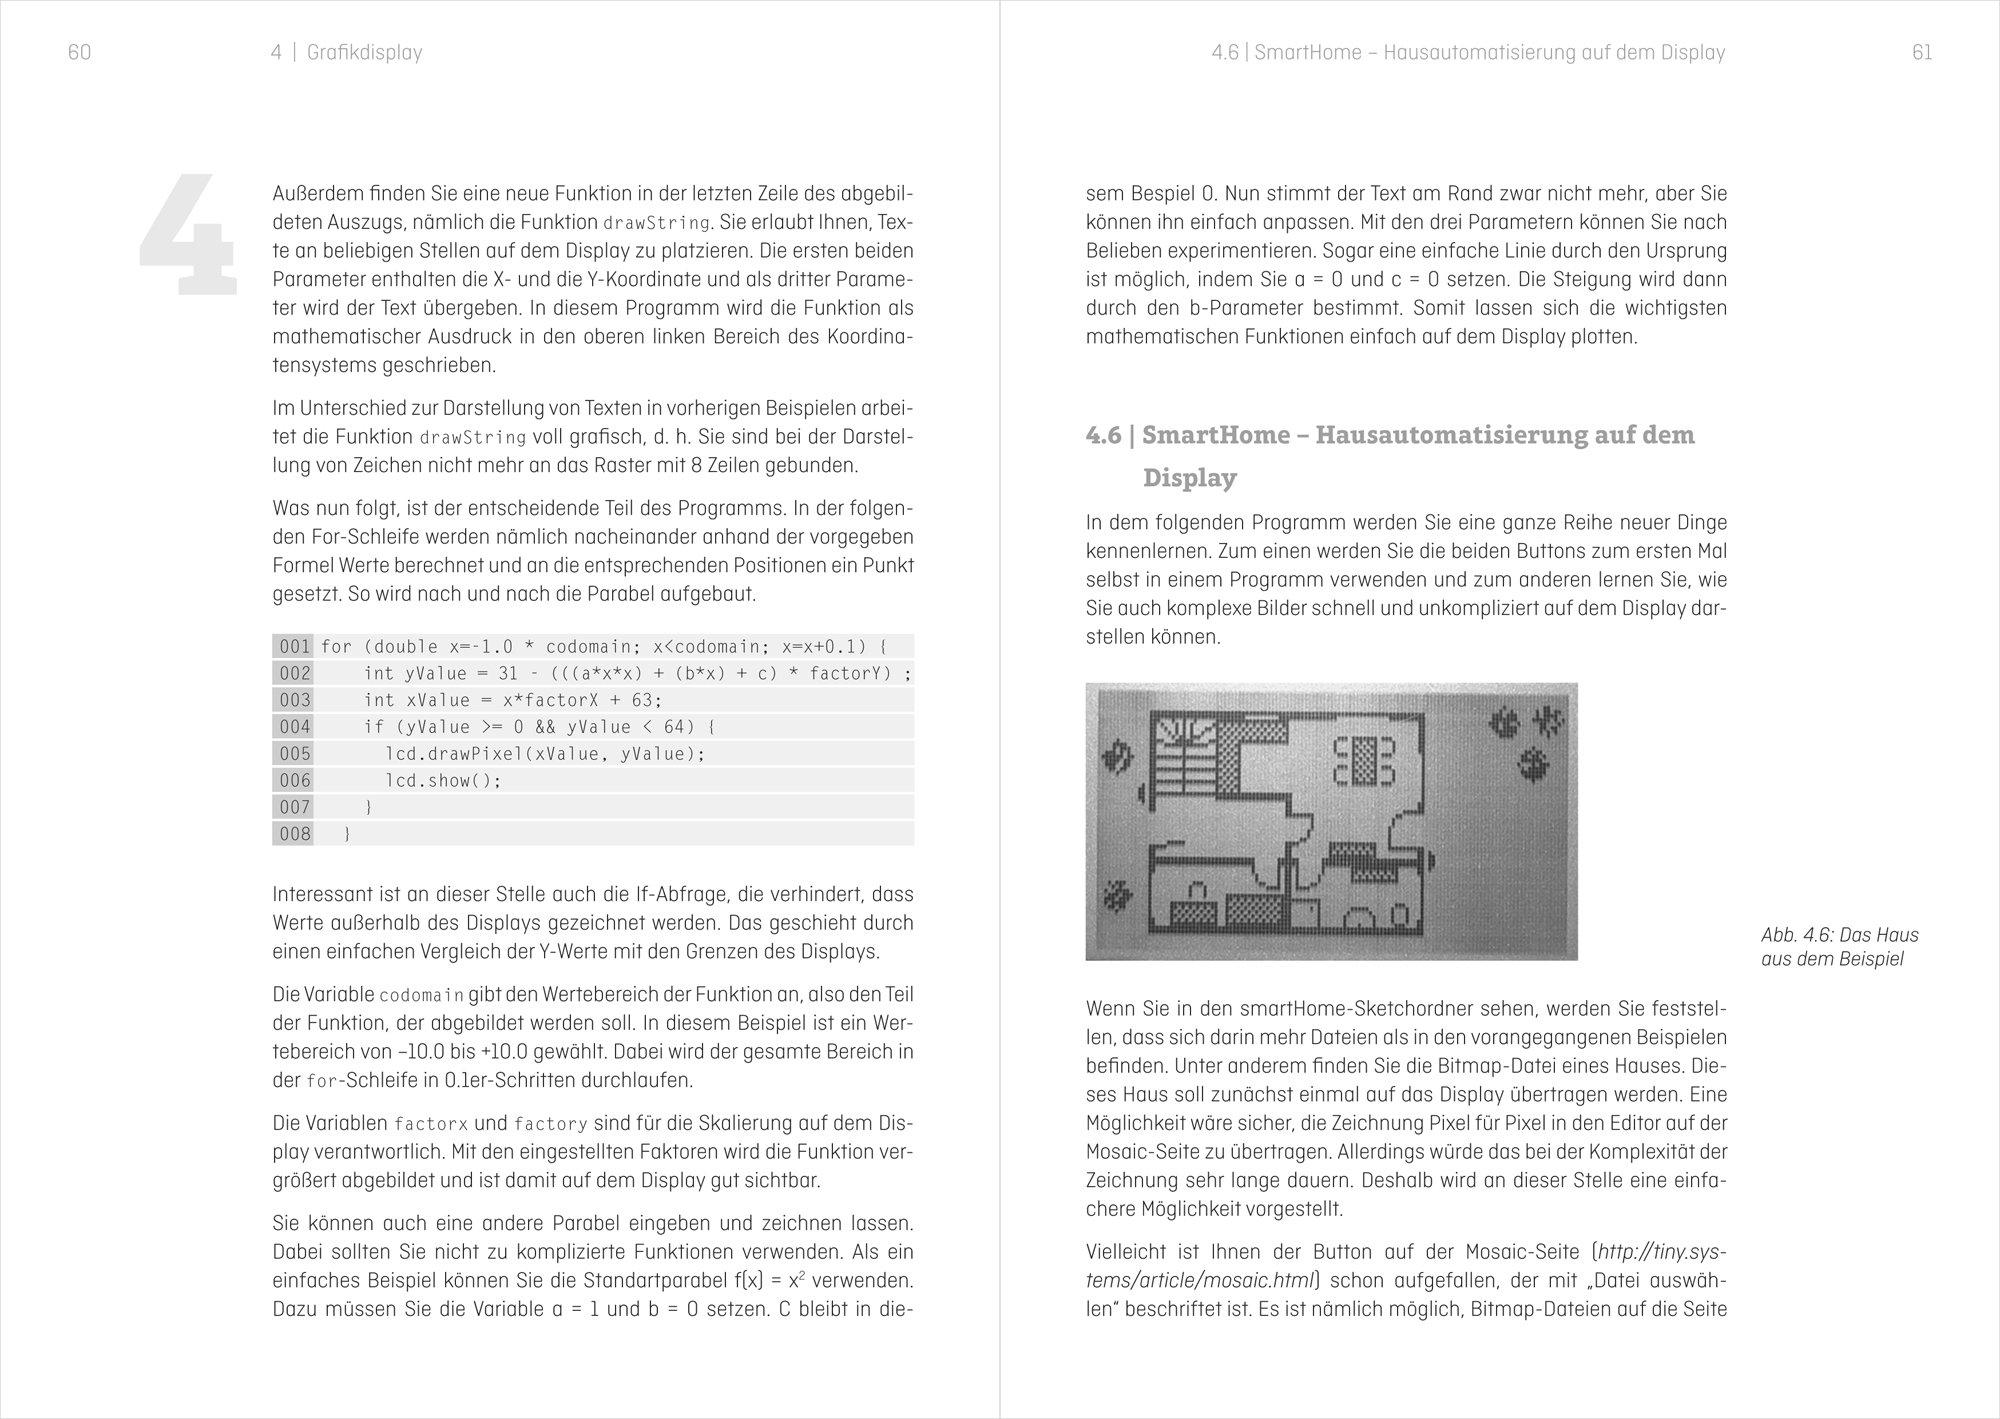 Fein Emg Schaltplan 3 Wege Kippschalter Fotos - Der Schaltplan ...